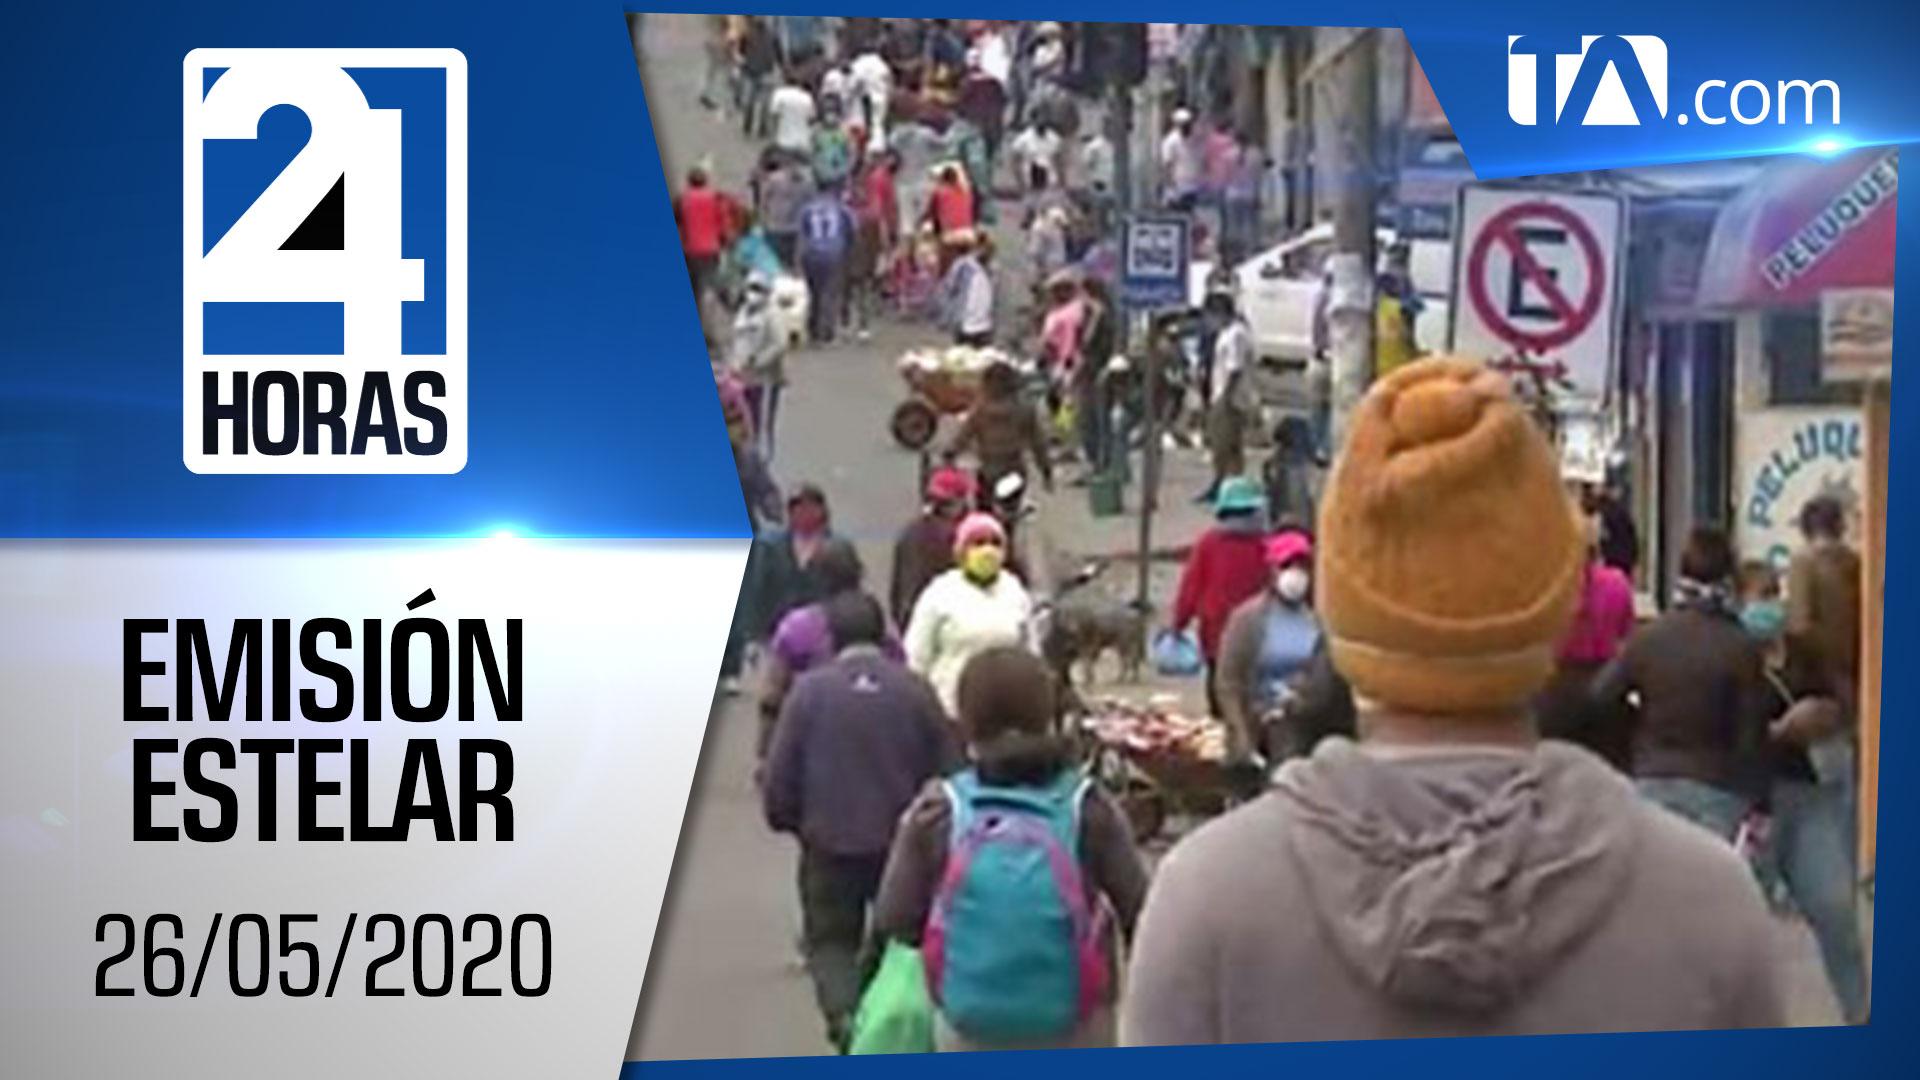 Noticias Ecuador: Noticiero 24 Horas, 26/05/2020 (Emisión Estelar)